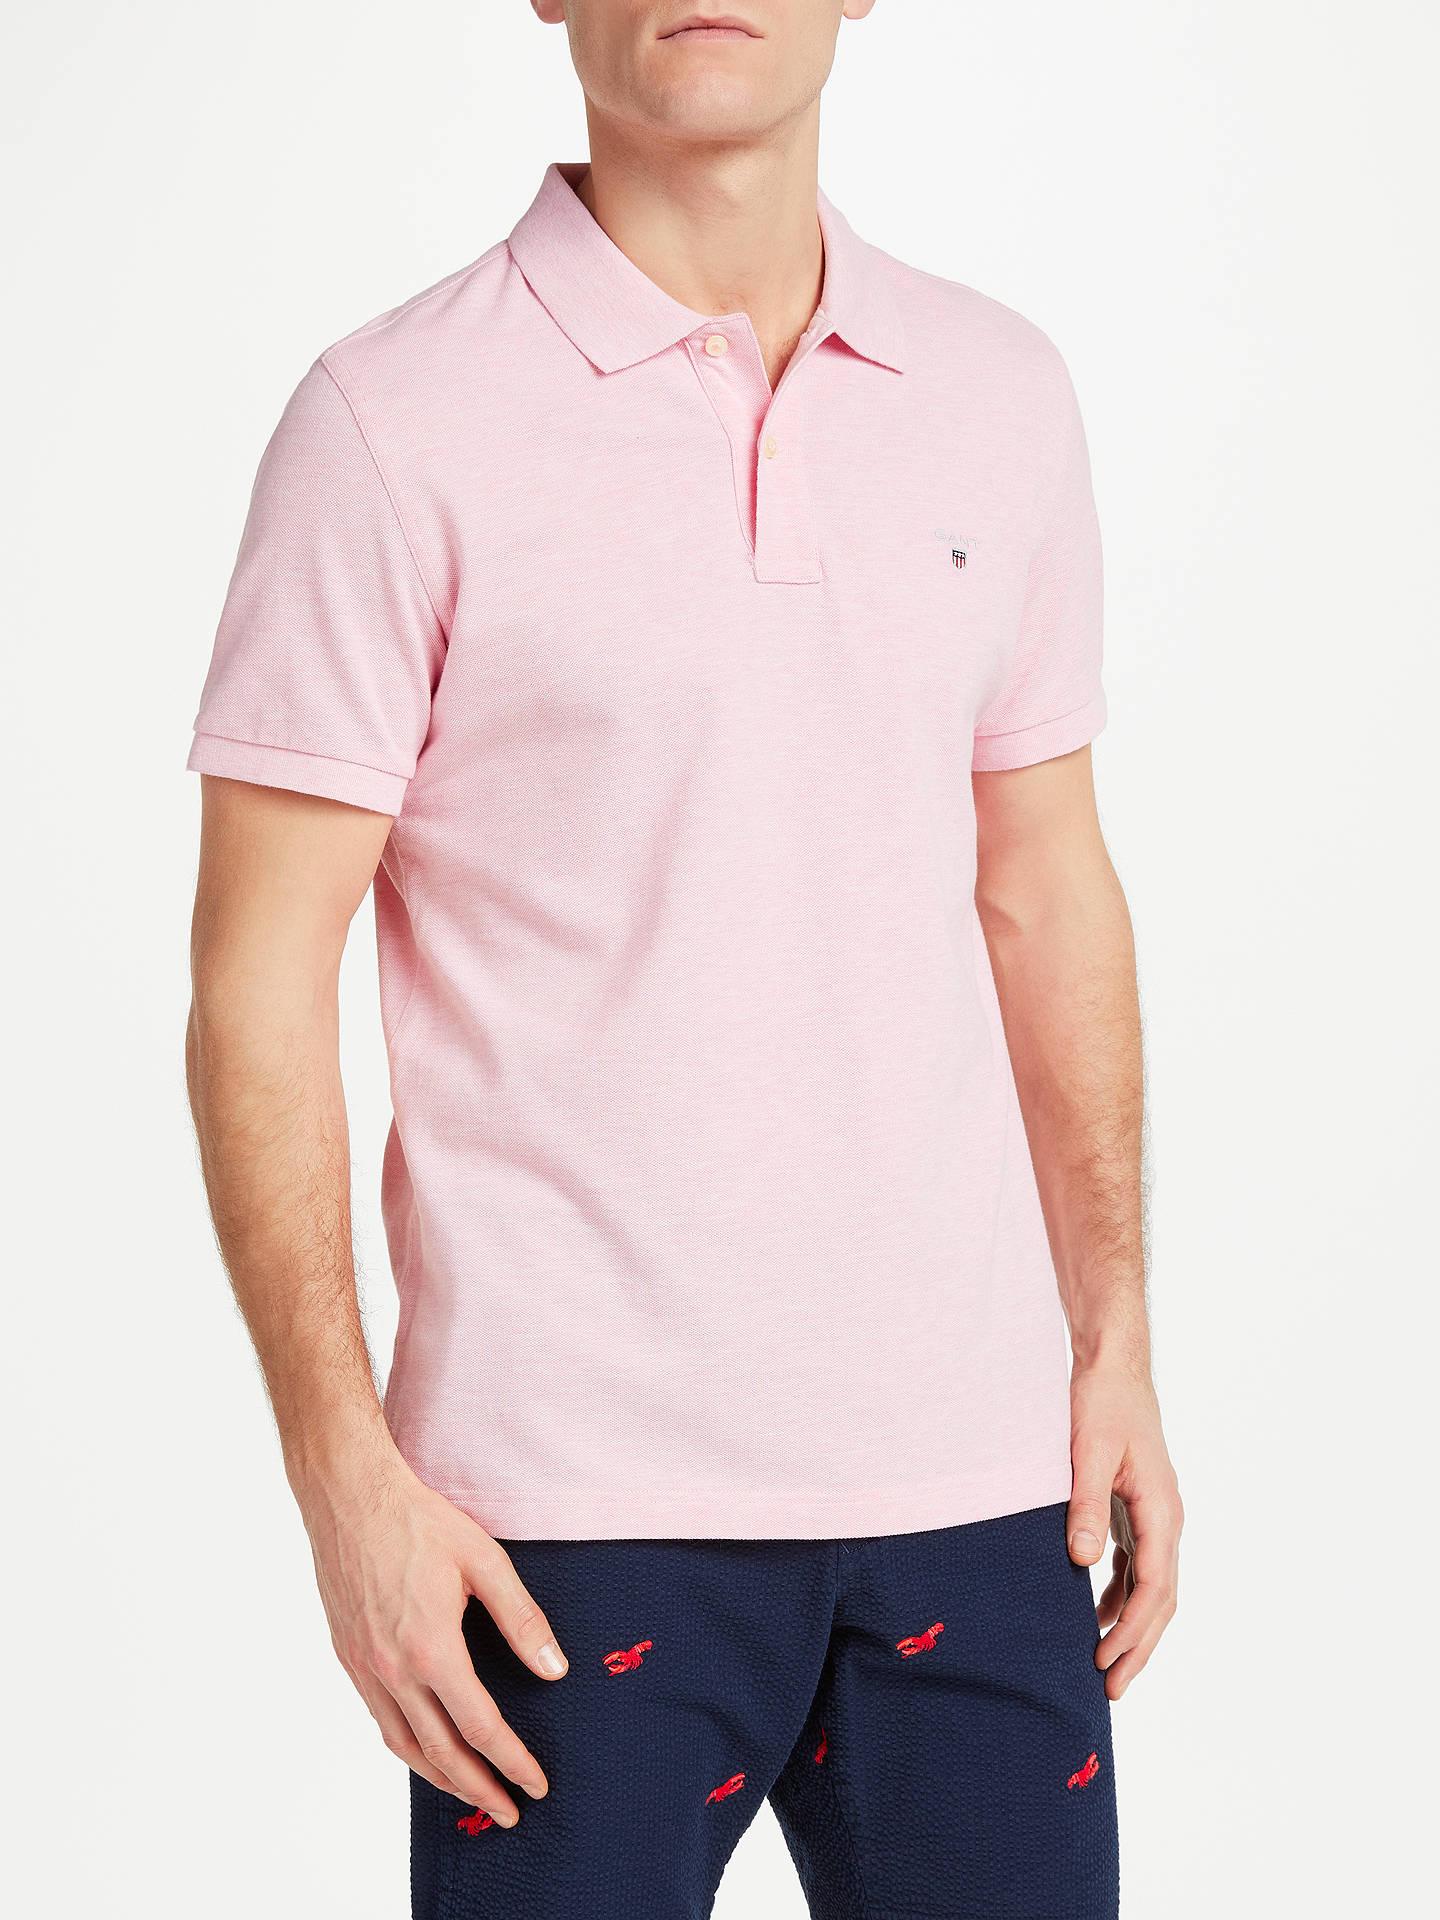 446e1caa0f77f6 Buy GANT Original Pique Polo Shirt, Light Pink, S Online at johnlewis.com  ...